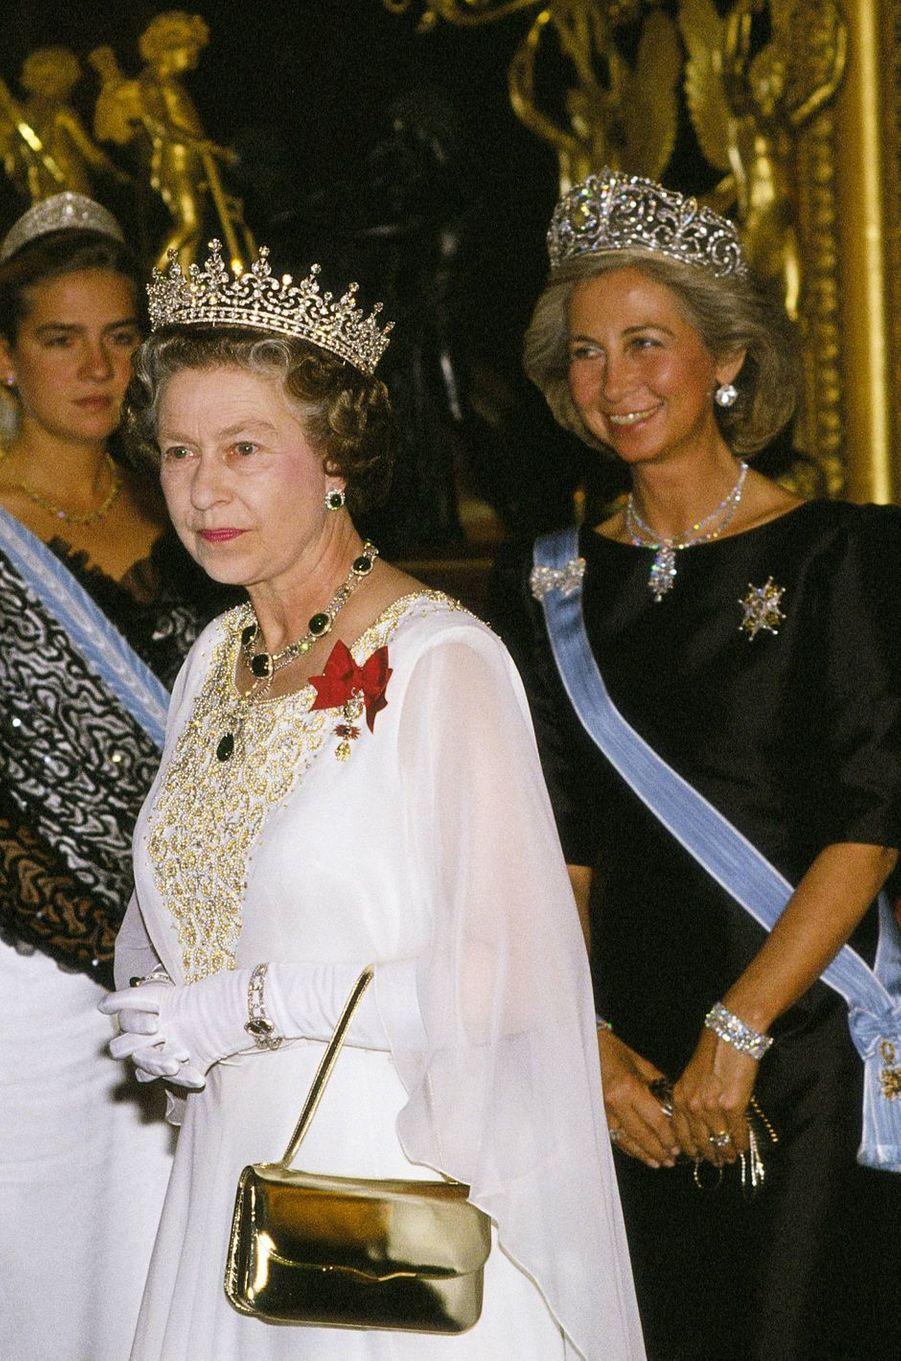 """La reine Sofia d'Espagne coiffée du diadème """"fleur de lys"""", avec la reine Elizabeth II, le 17 octobre 1988"""